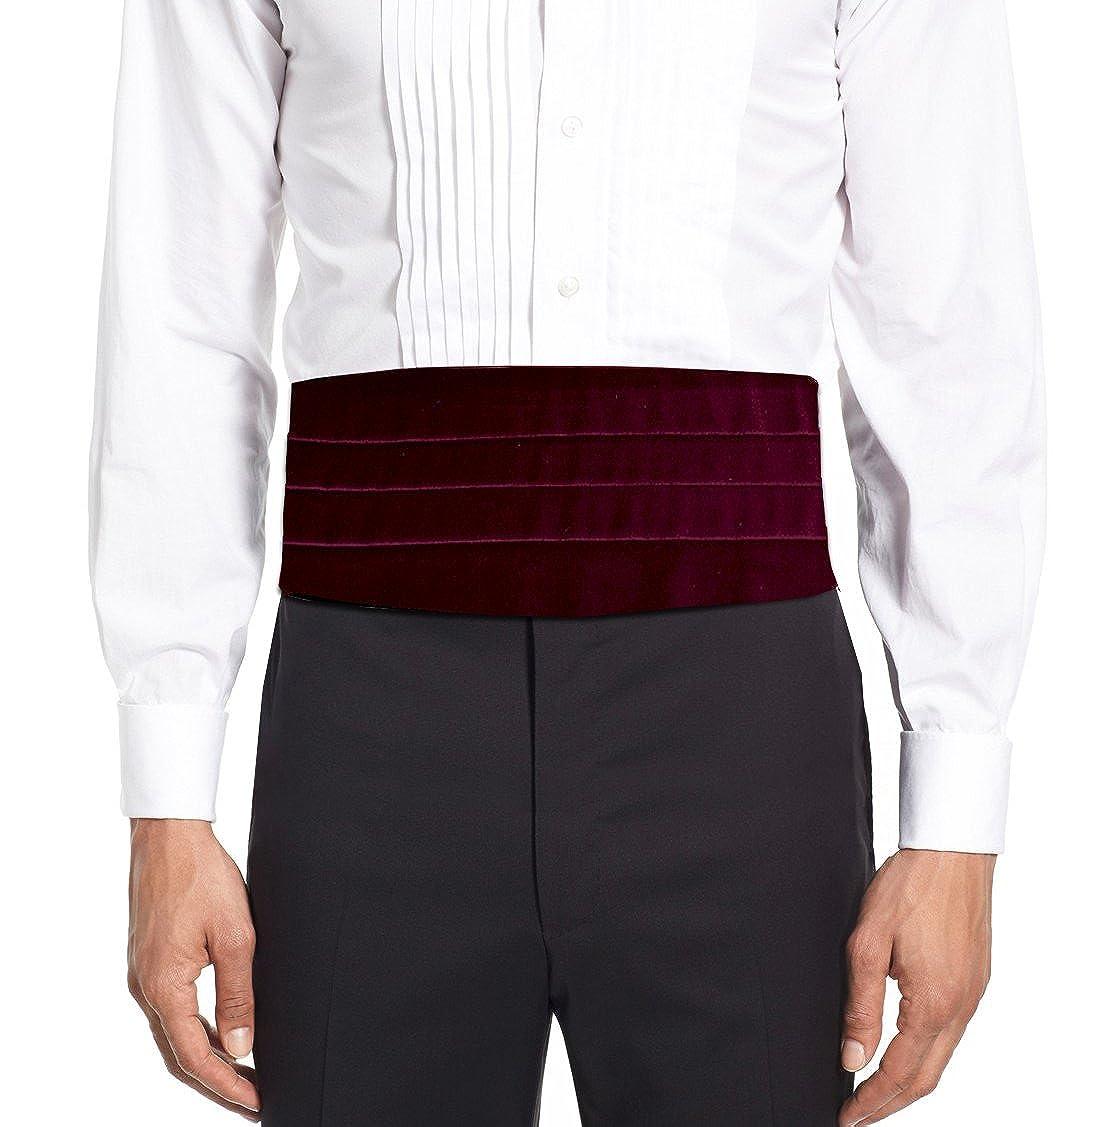 Remo Sartori Made in Italy Men's Burgundy Velvet Cummerbund Tuxedo Belt, Four Folded